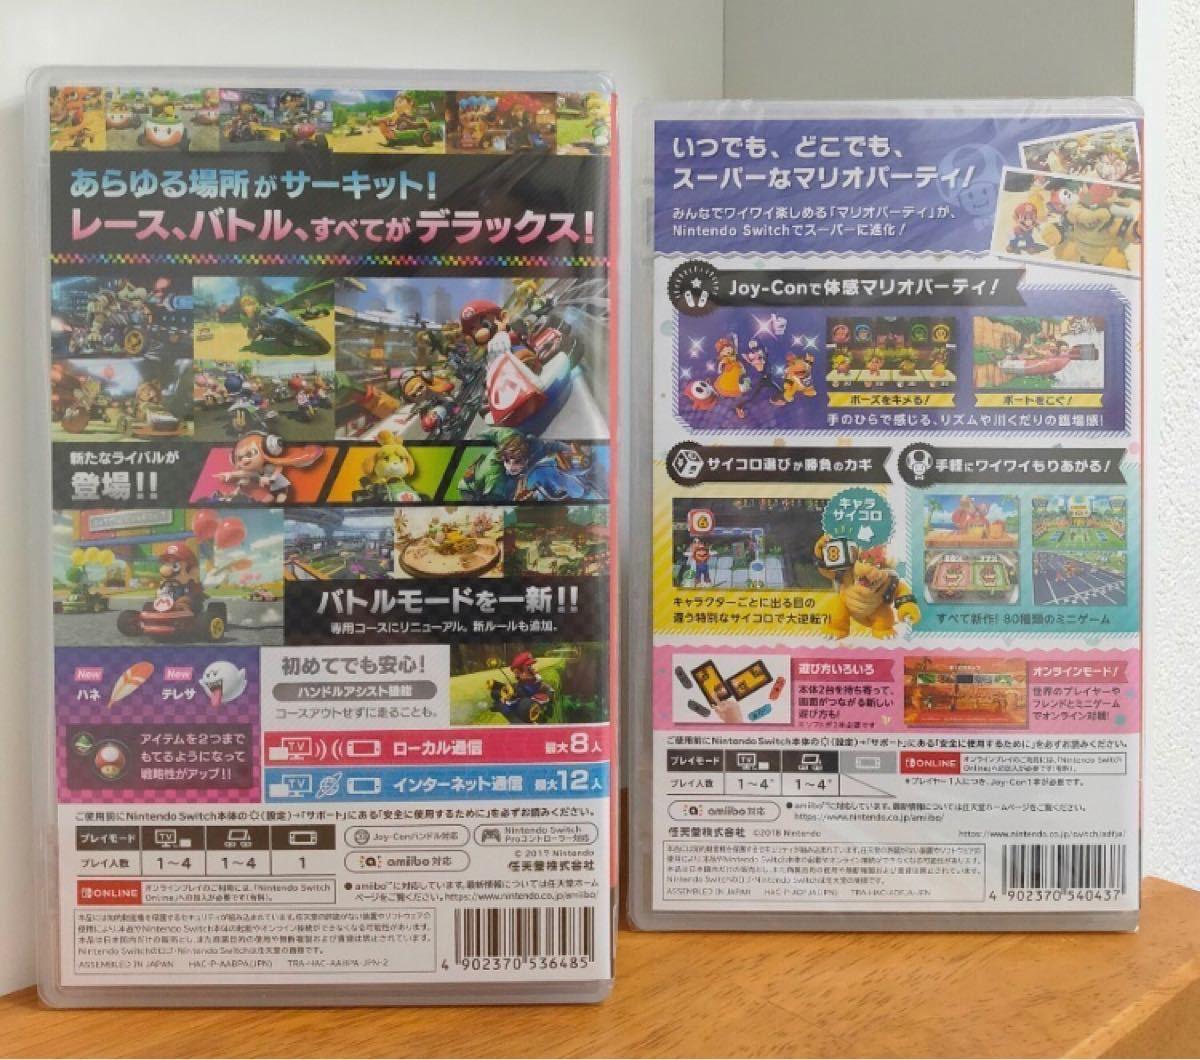 マリオカート8 デラックス   スーパーマリオパーティ  Switch  ソフト